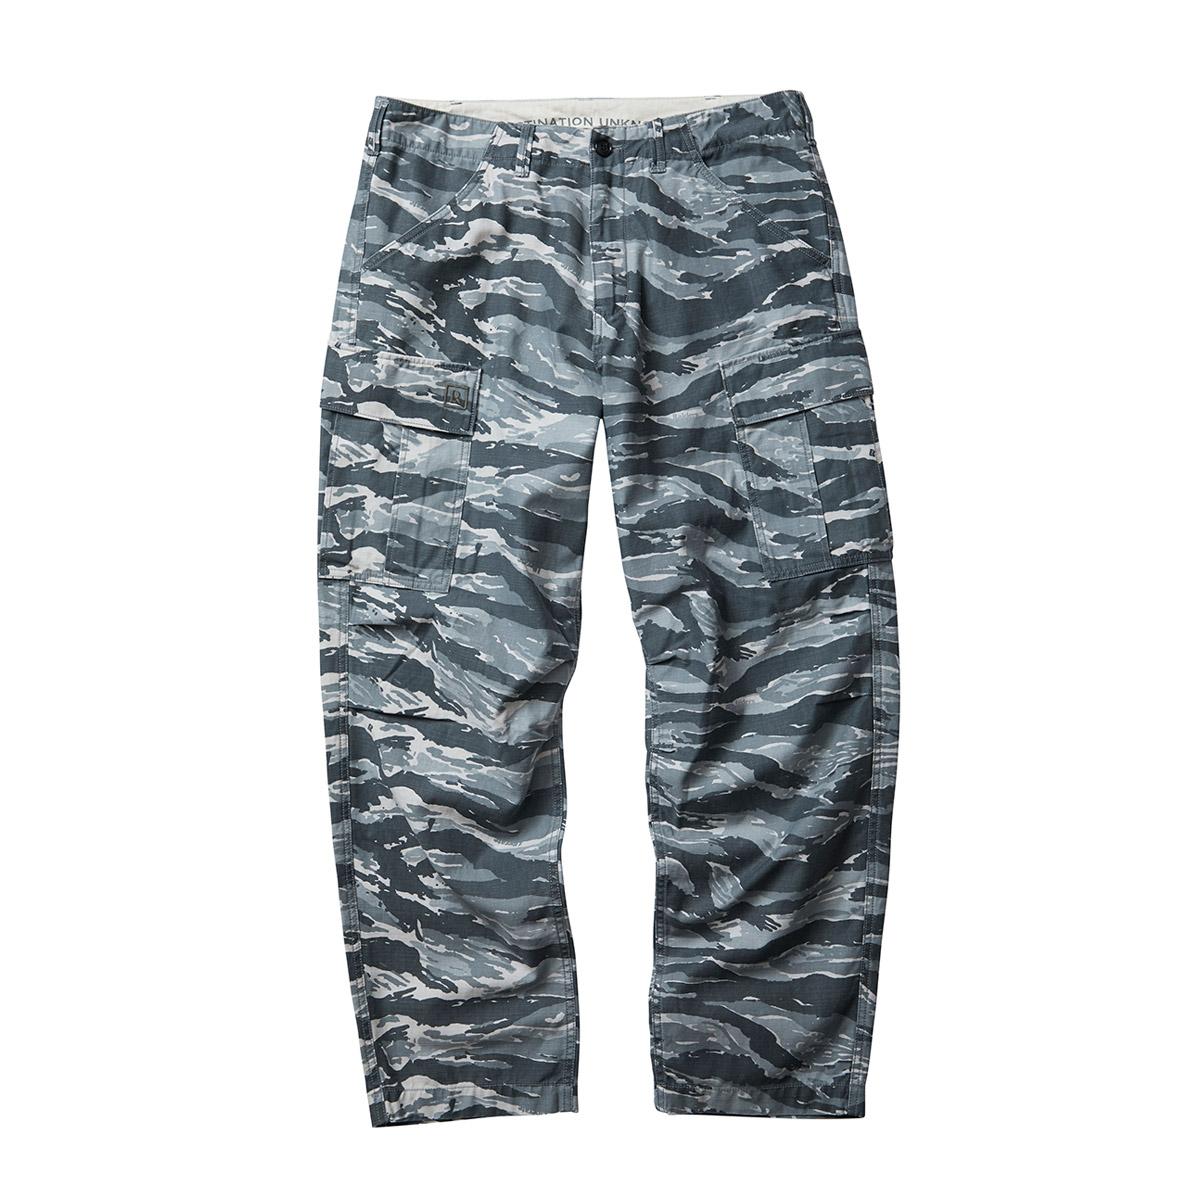 LIBERAIDERS 6 POCKET ARMY PANTS(CAMO)(リベライダーズ シックスポケットアーミー パンツ)【メンズ】【ロングパンツ】【20SP-I】